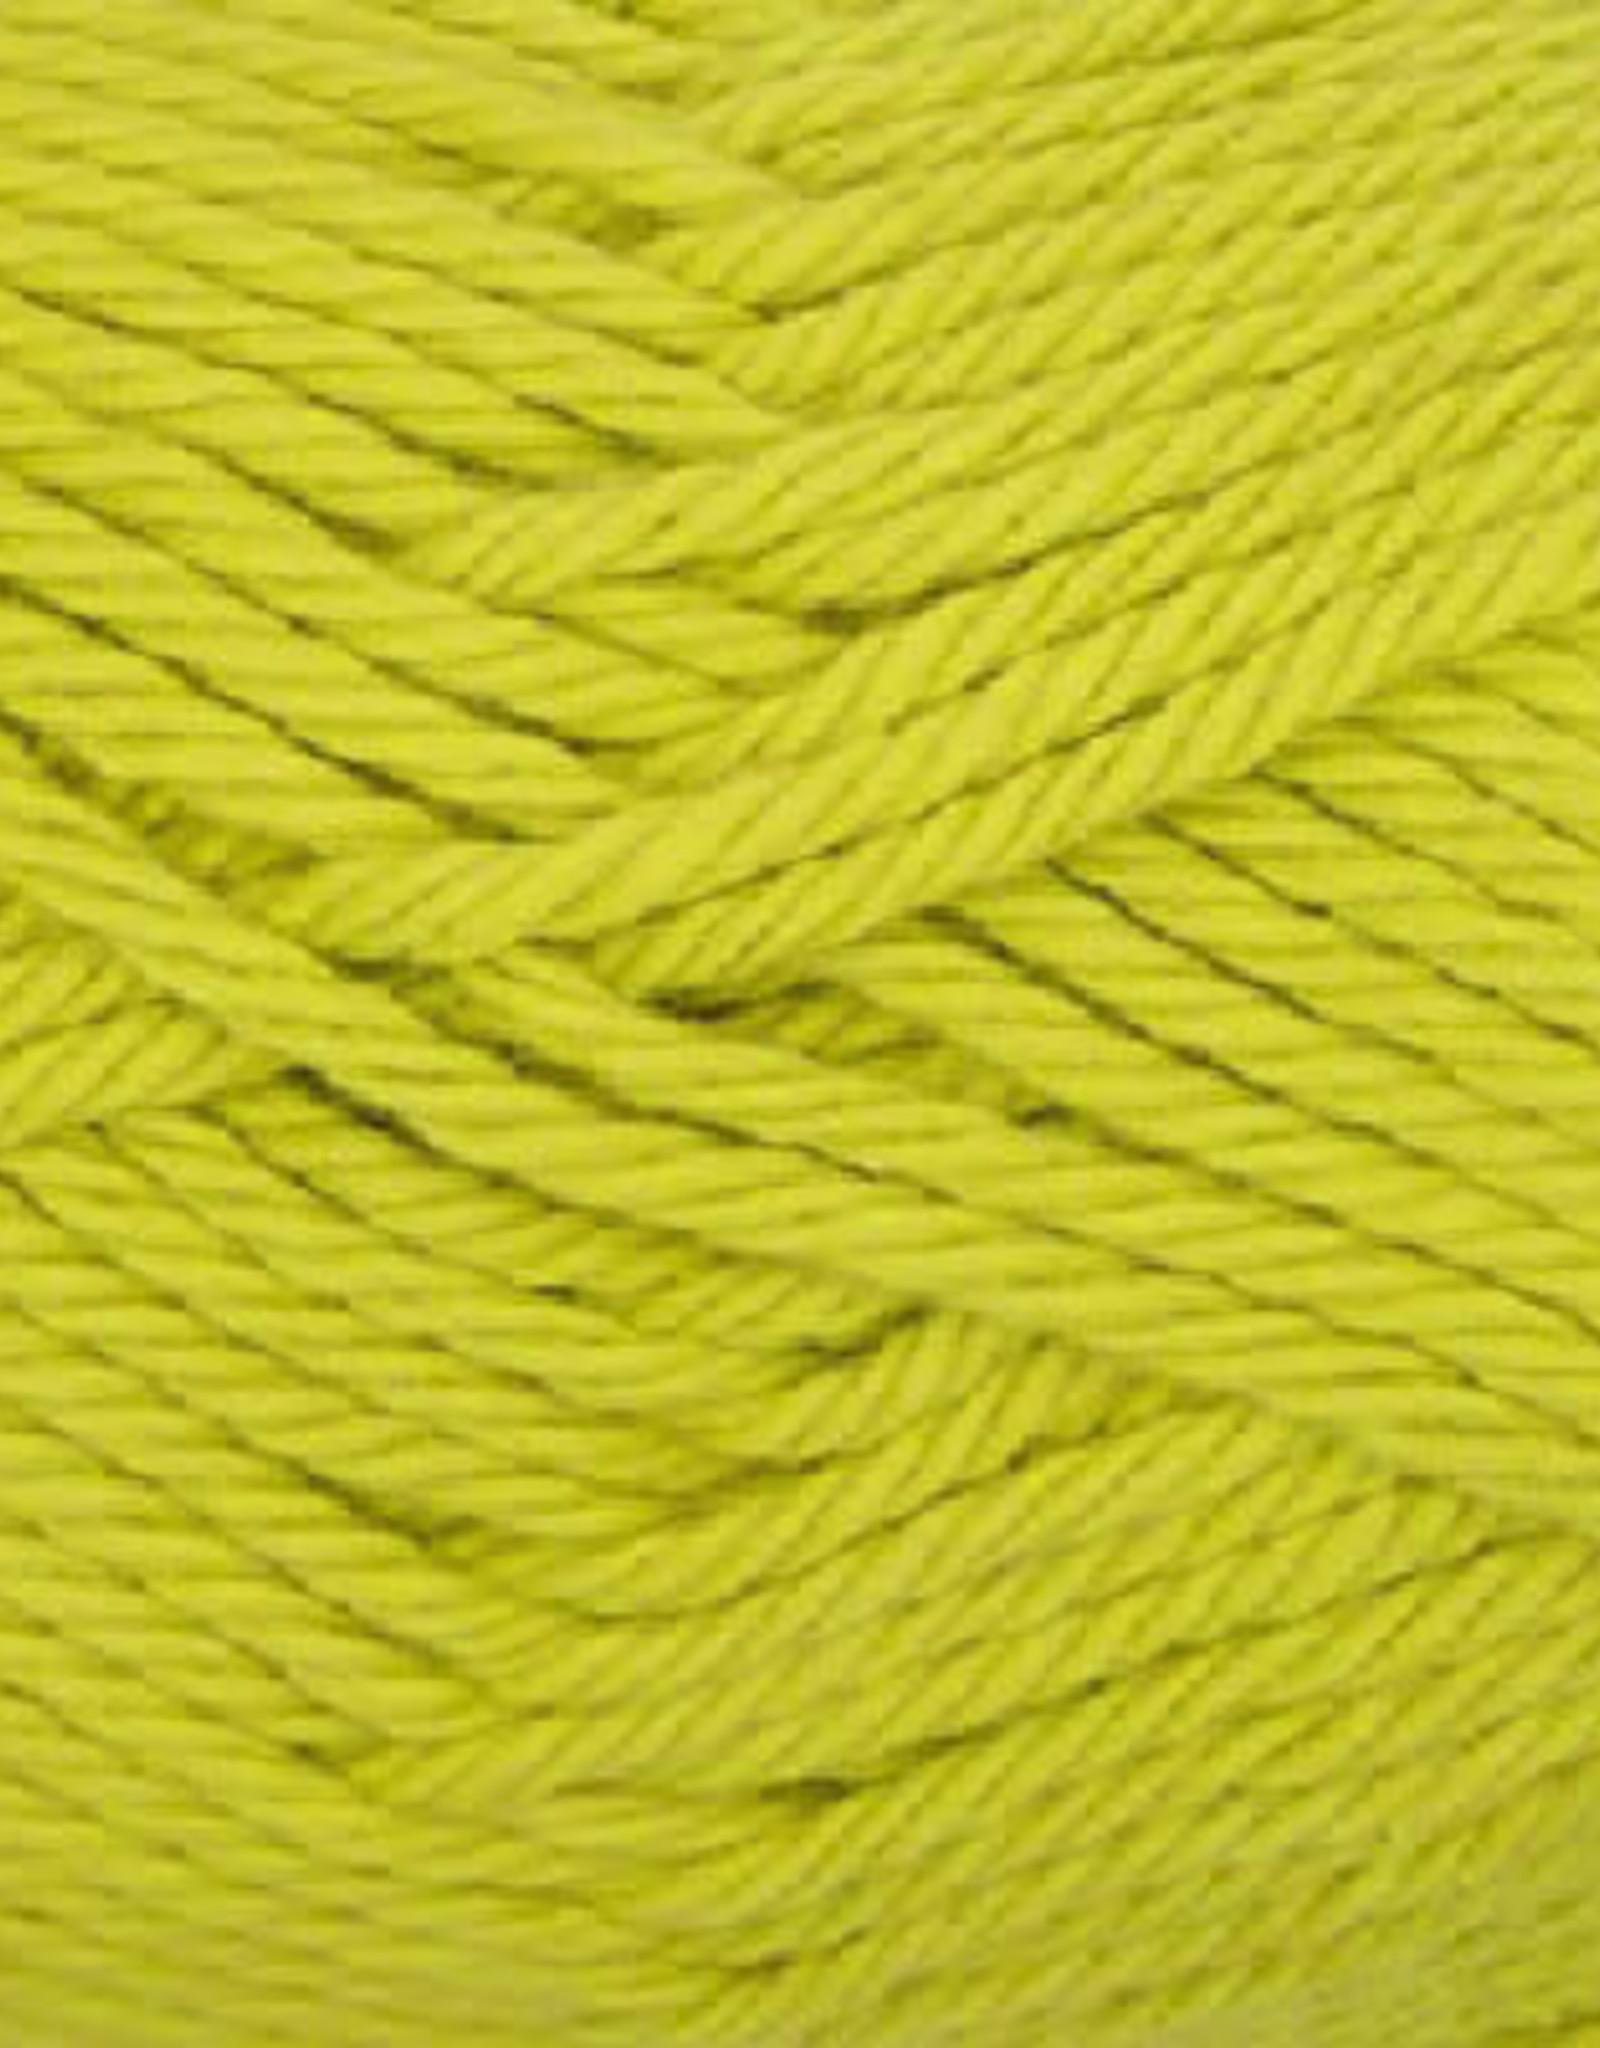 Sudz Sudz Cotton Solids, 3 de 3